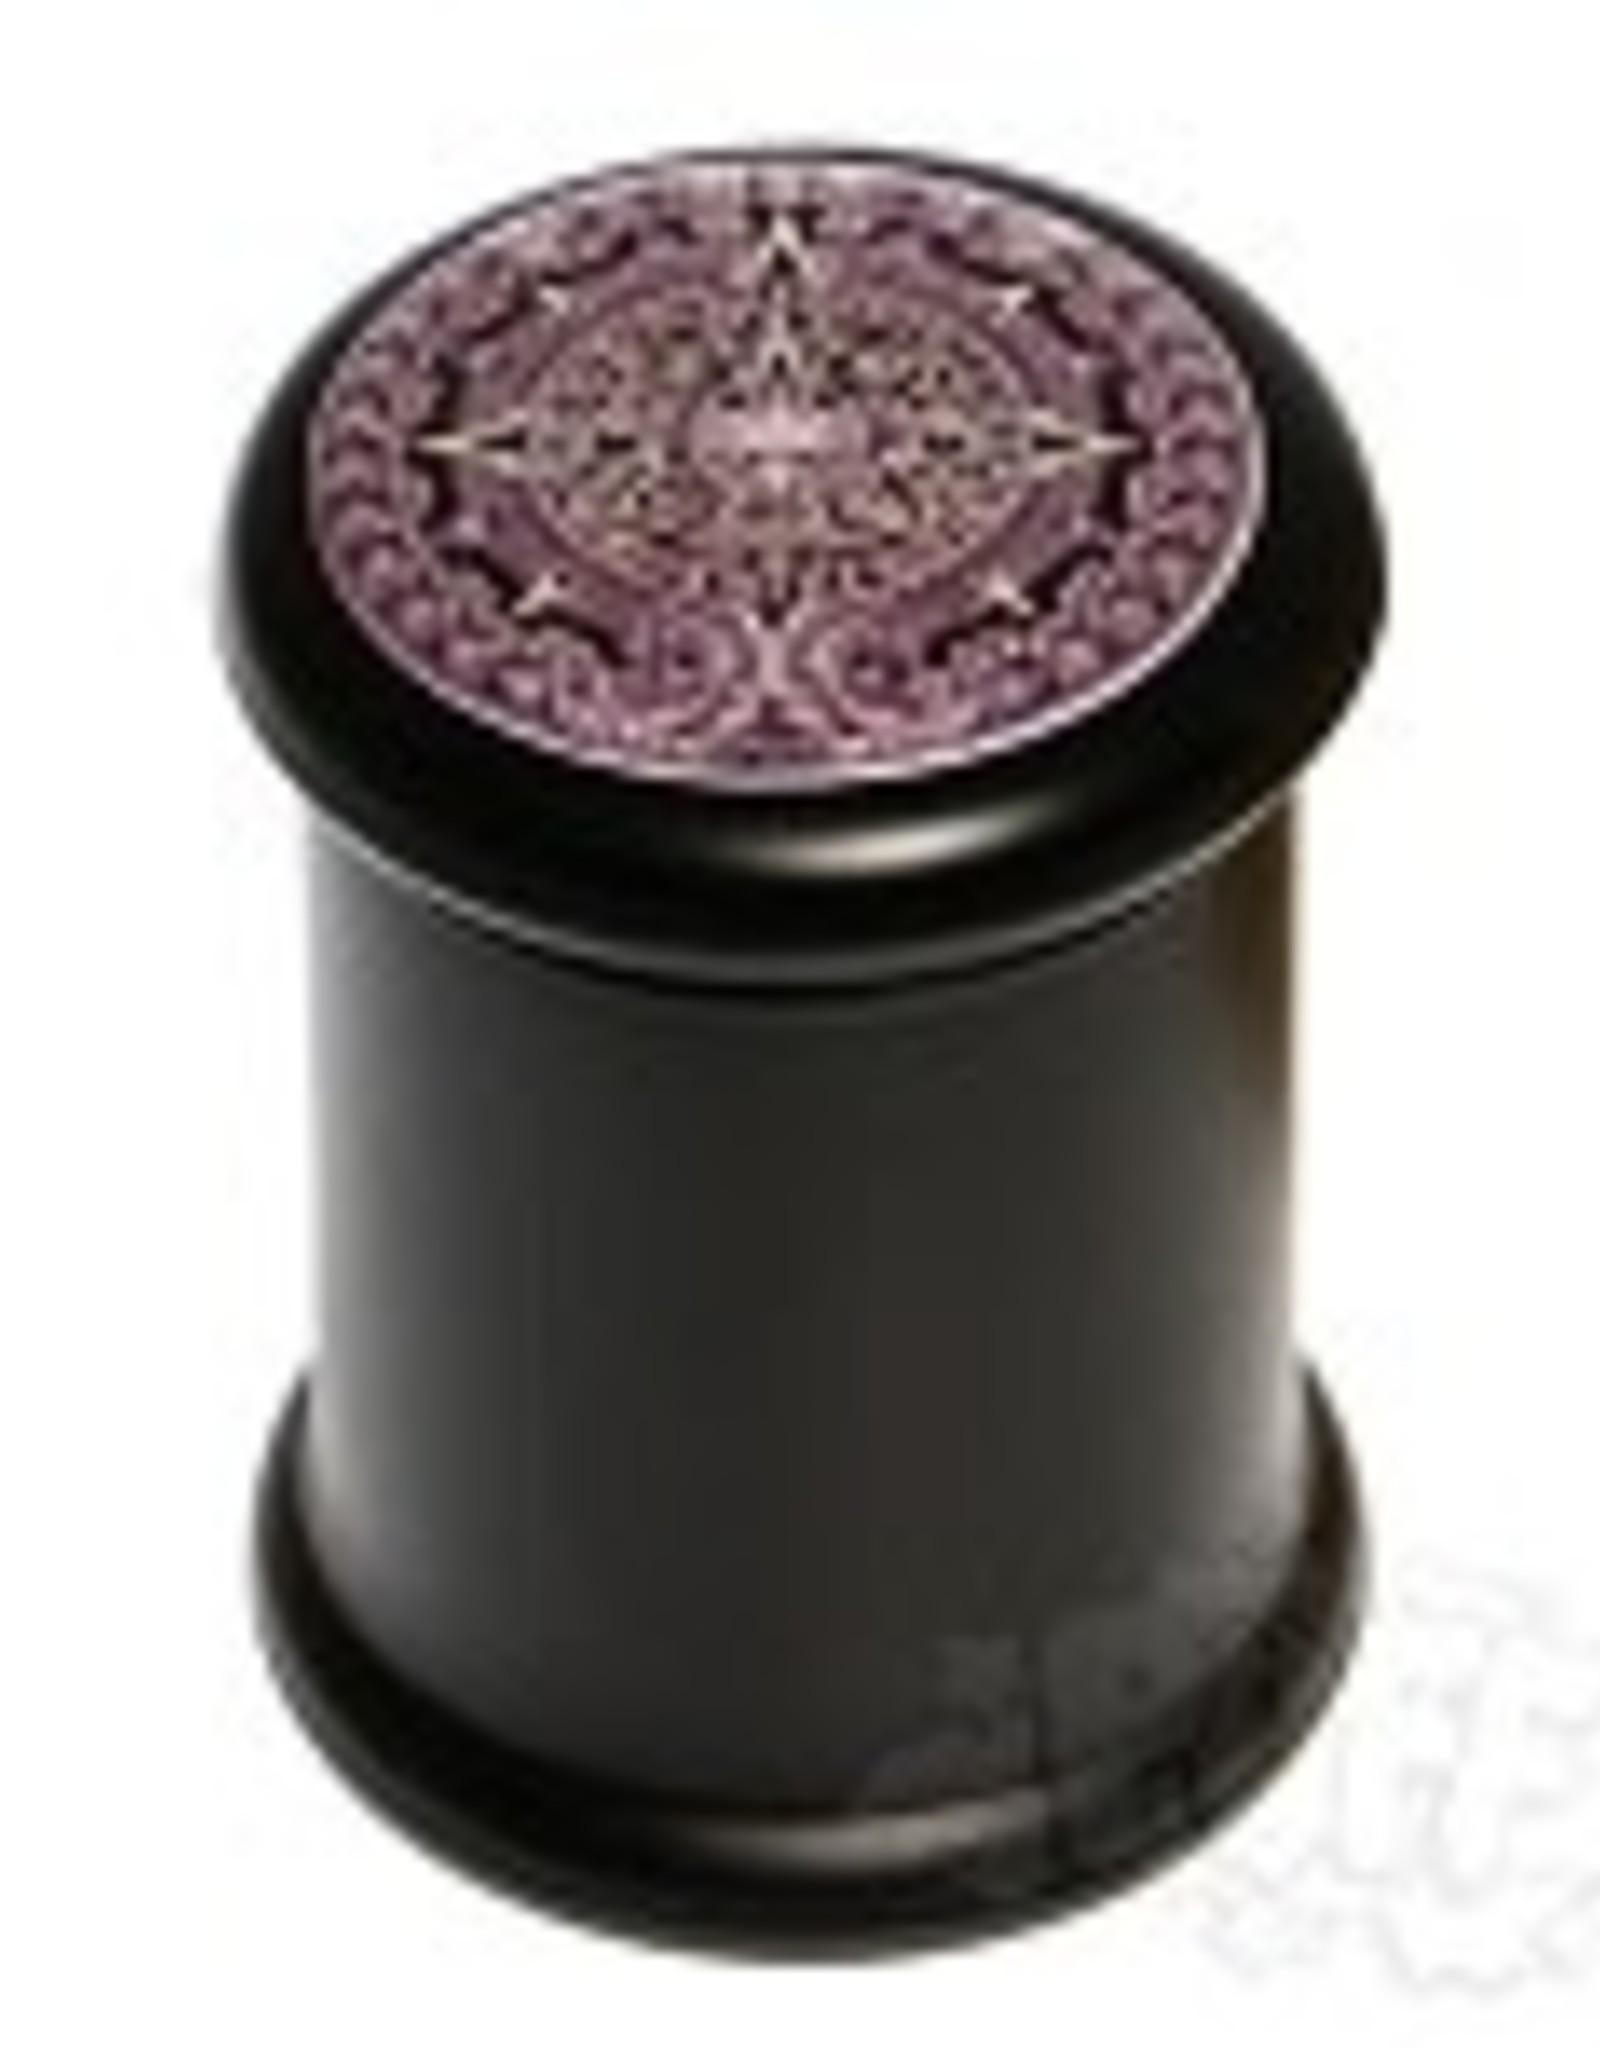 DJAR-B11 Black Glass Pop Top Jar. DJAR-B11